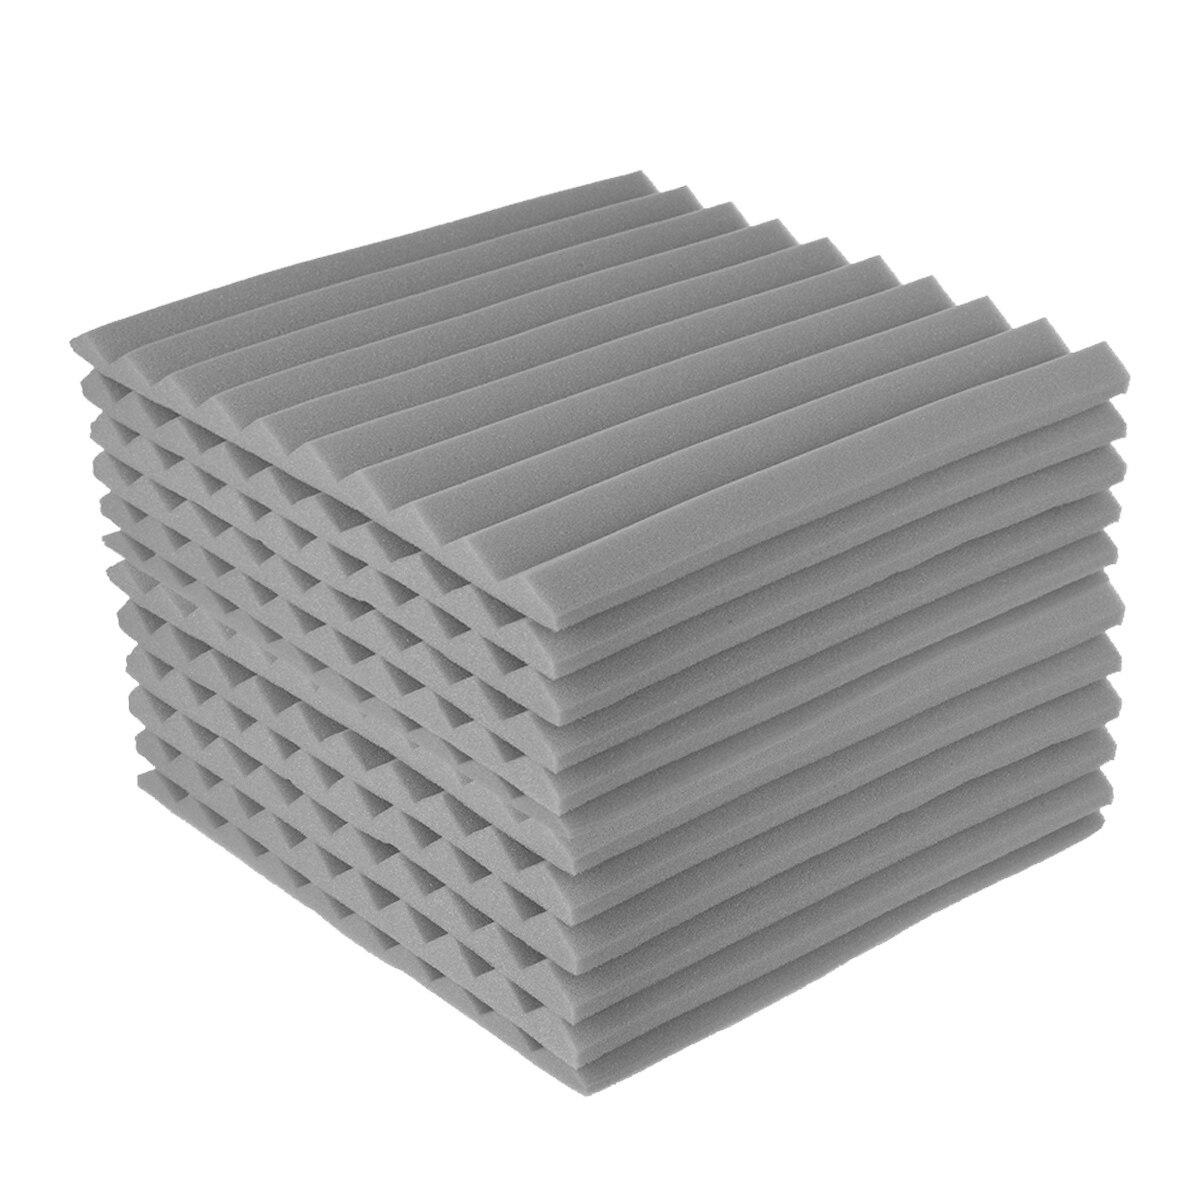 12 Cái Xốp Cách Âm Bền Hơn Xốp Cách Âm Studio Bọt Acoustic Pa Nô Dán Tường Cách Âm Xốp Gạch Tường Phòng Chụp Ảnh